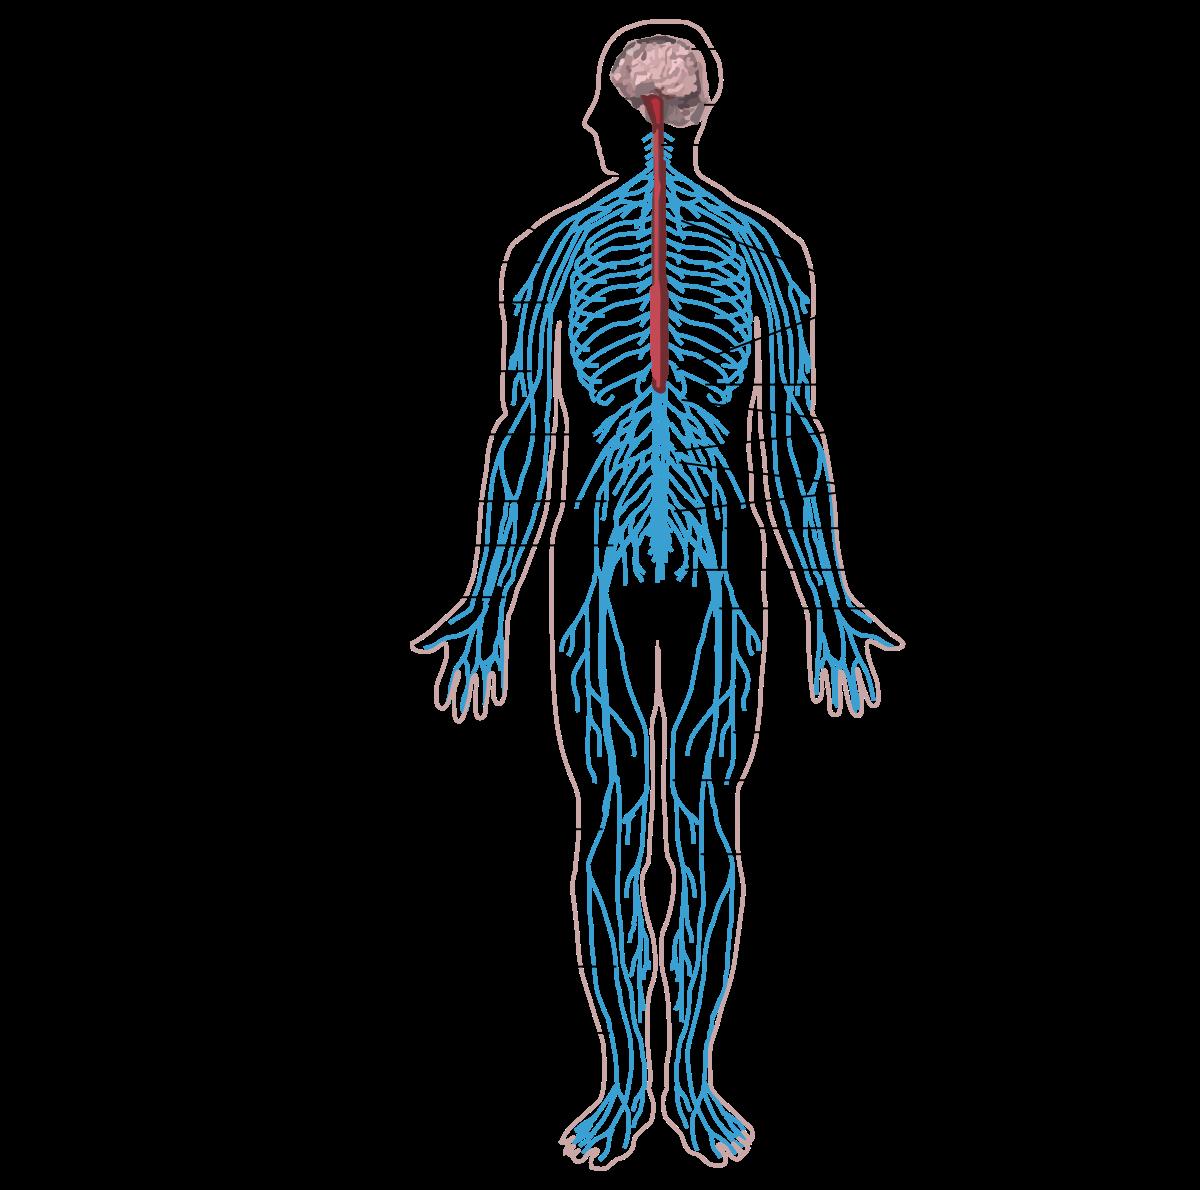 Puhatestű parazita az emberi test kezelésénél, Megtisztitasa fergektol es parazitaktol